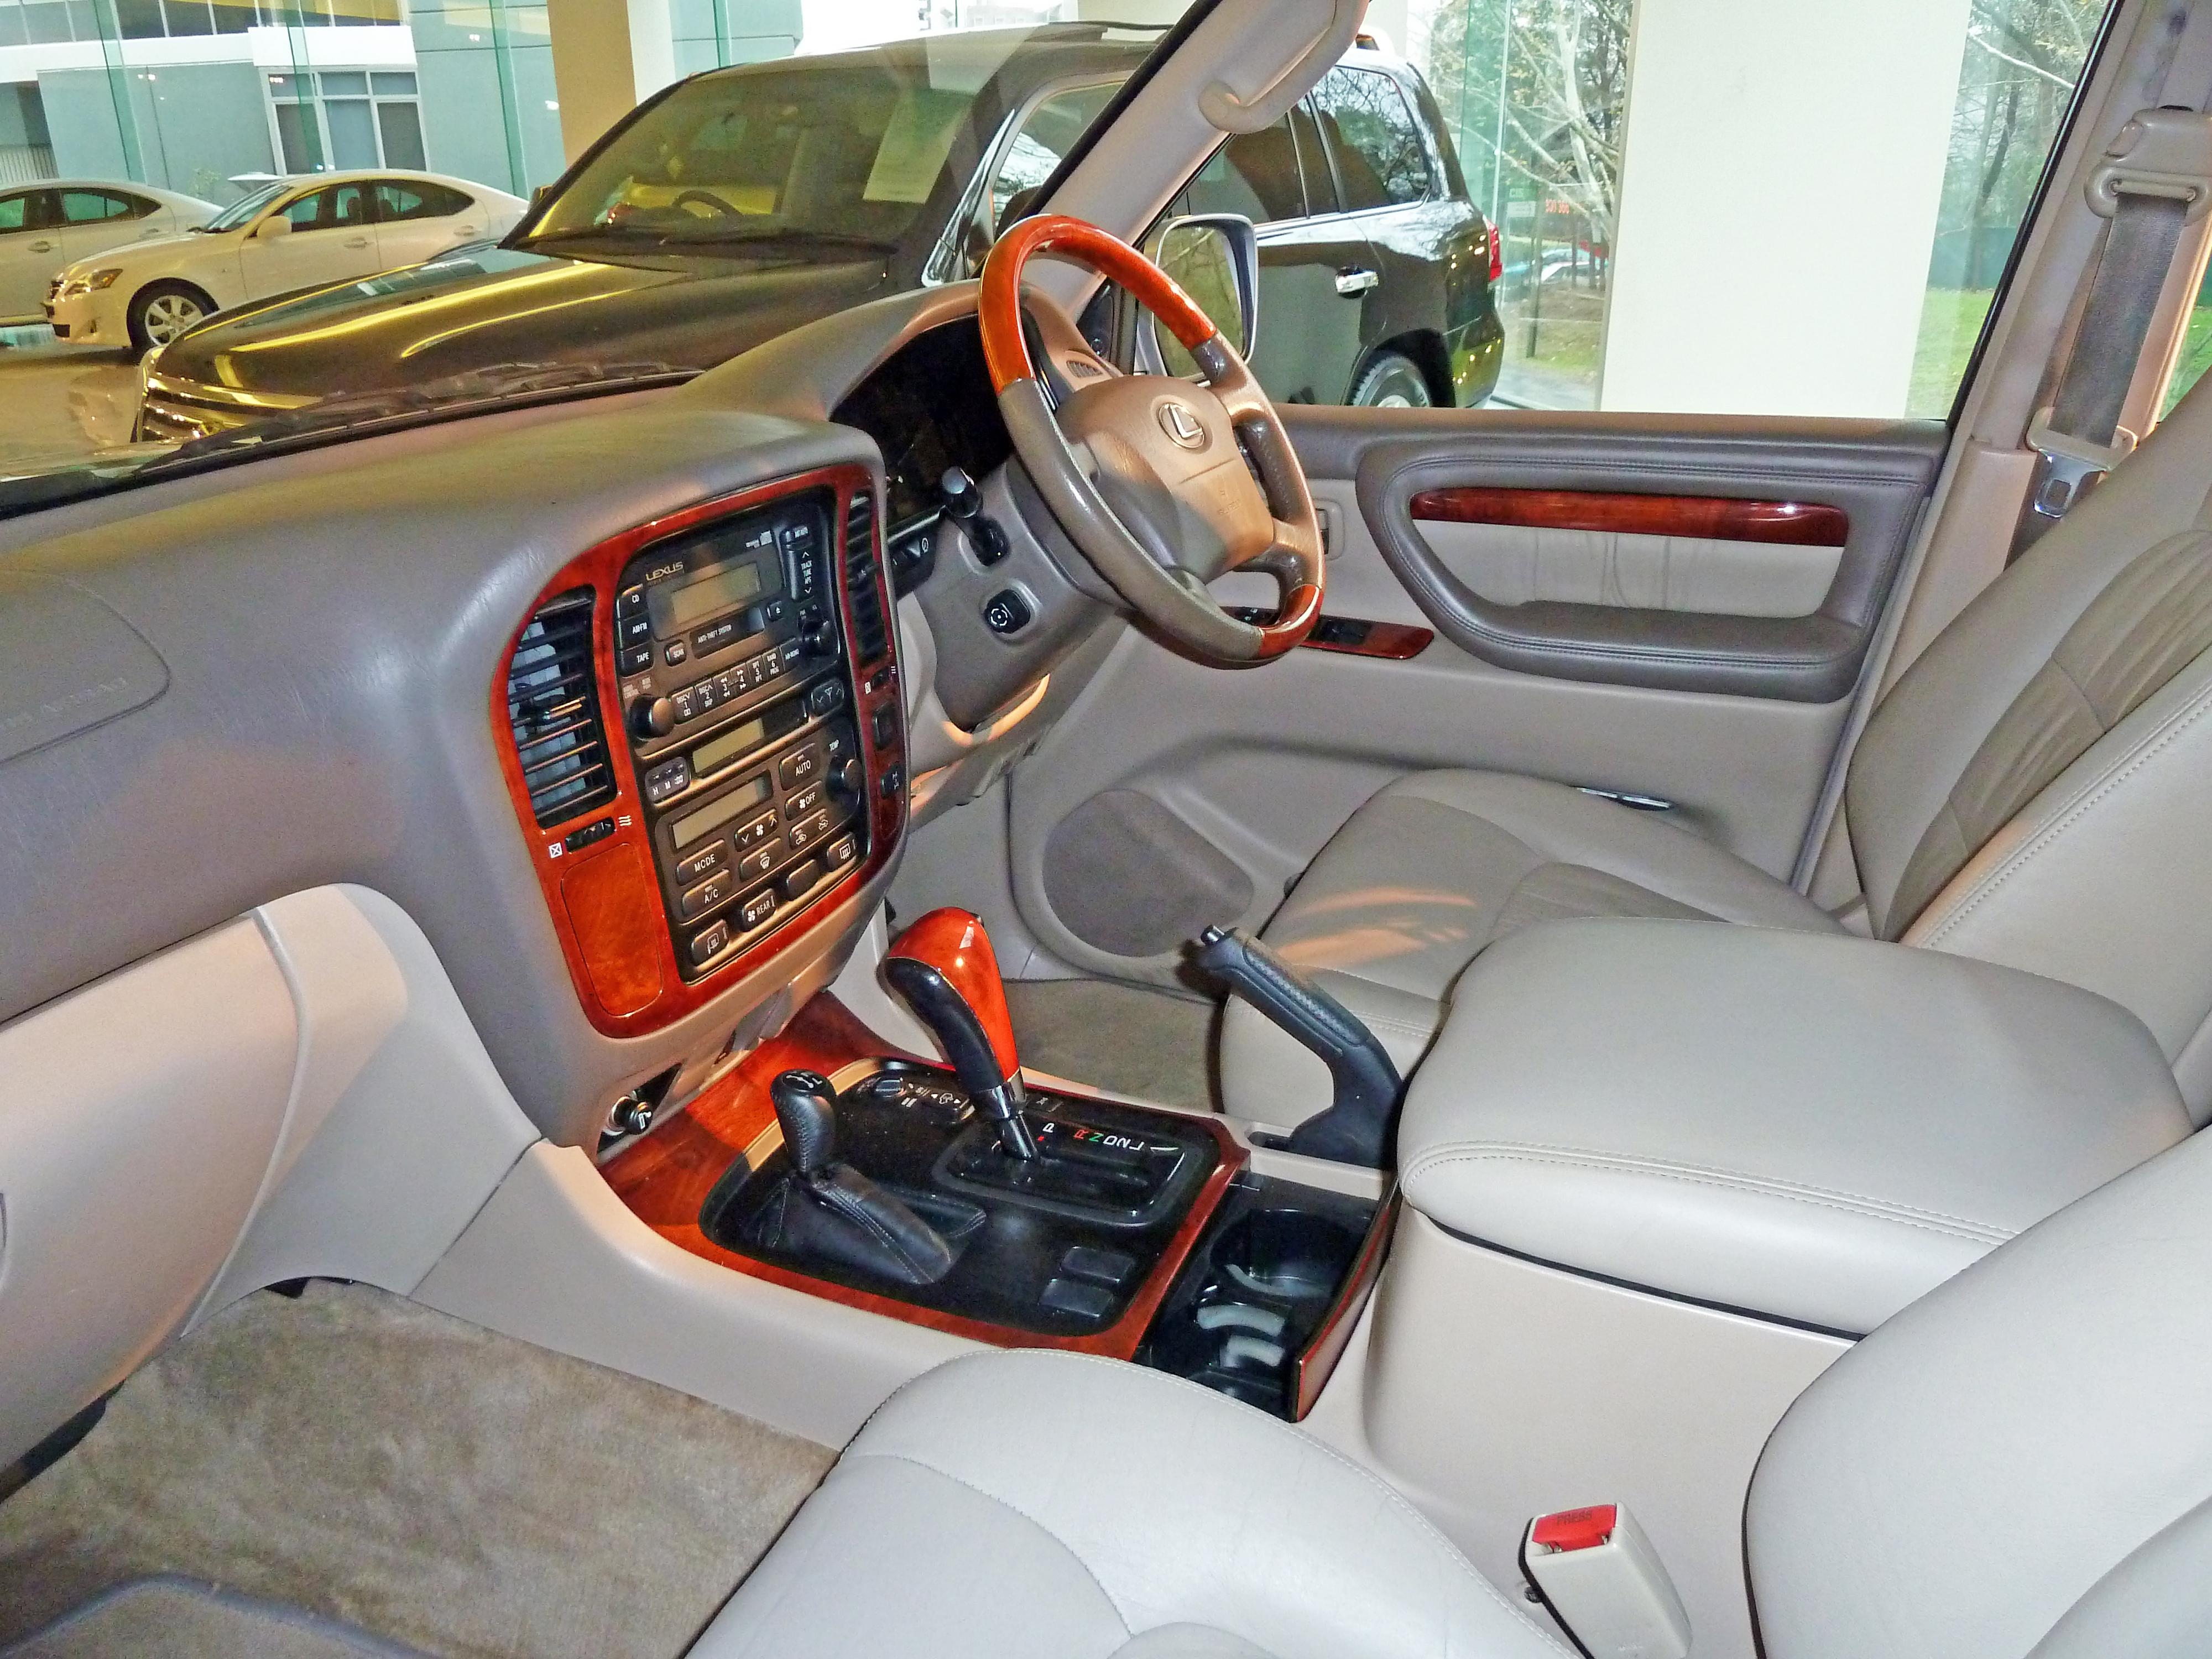 2000 Lexus LX 470 #6 Lexus LX 470 #6